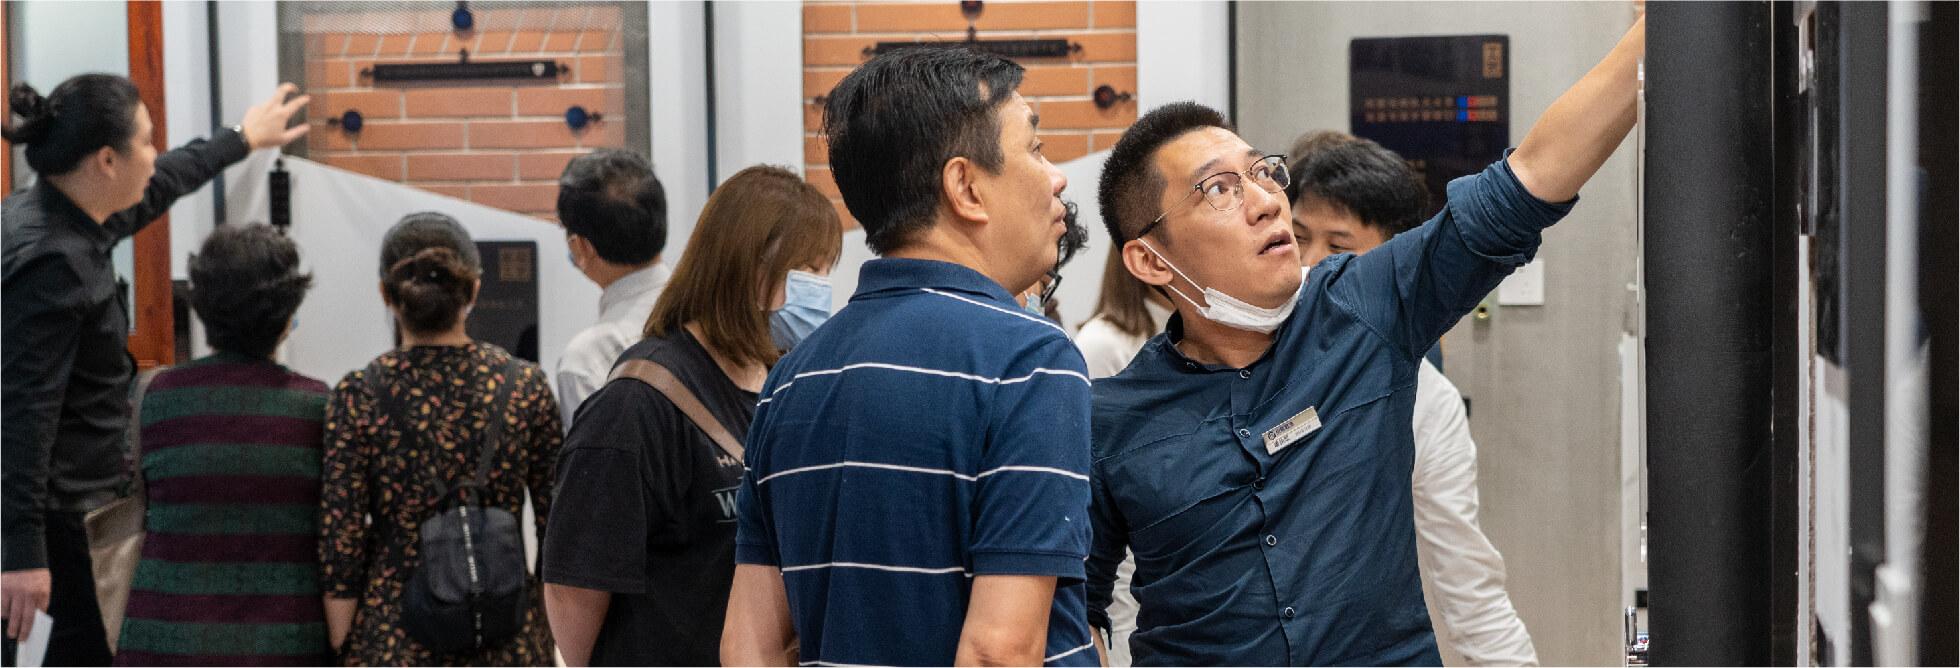 上海家博会现场示图3